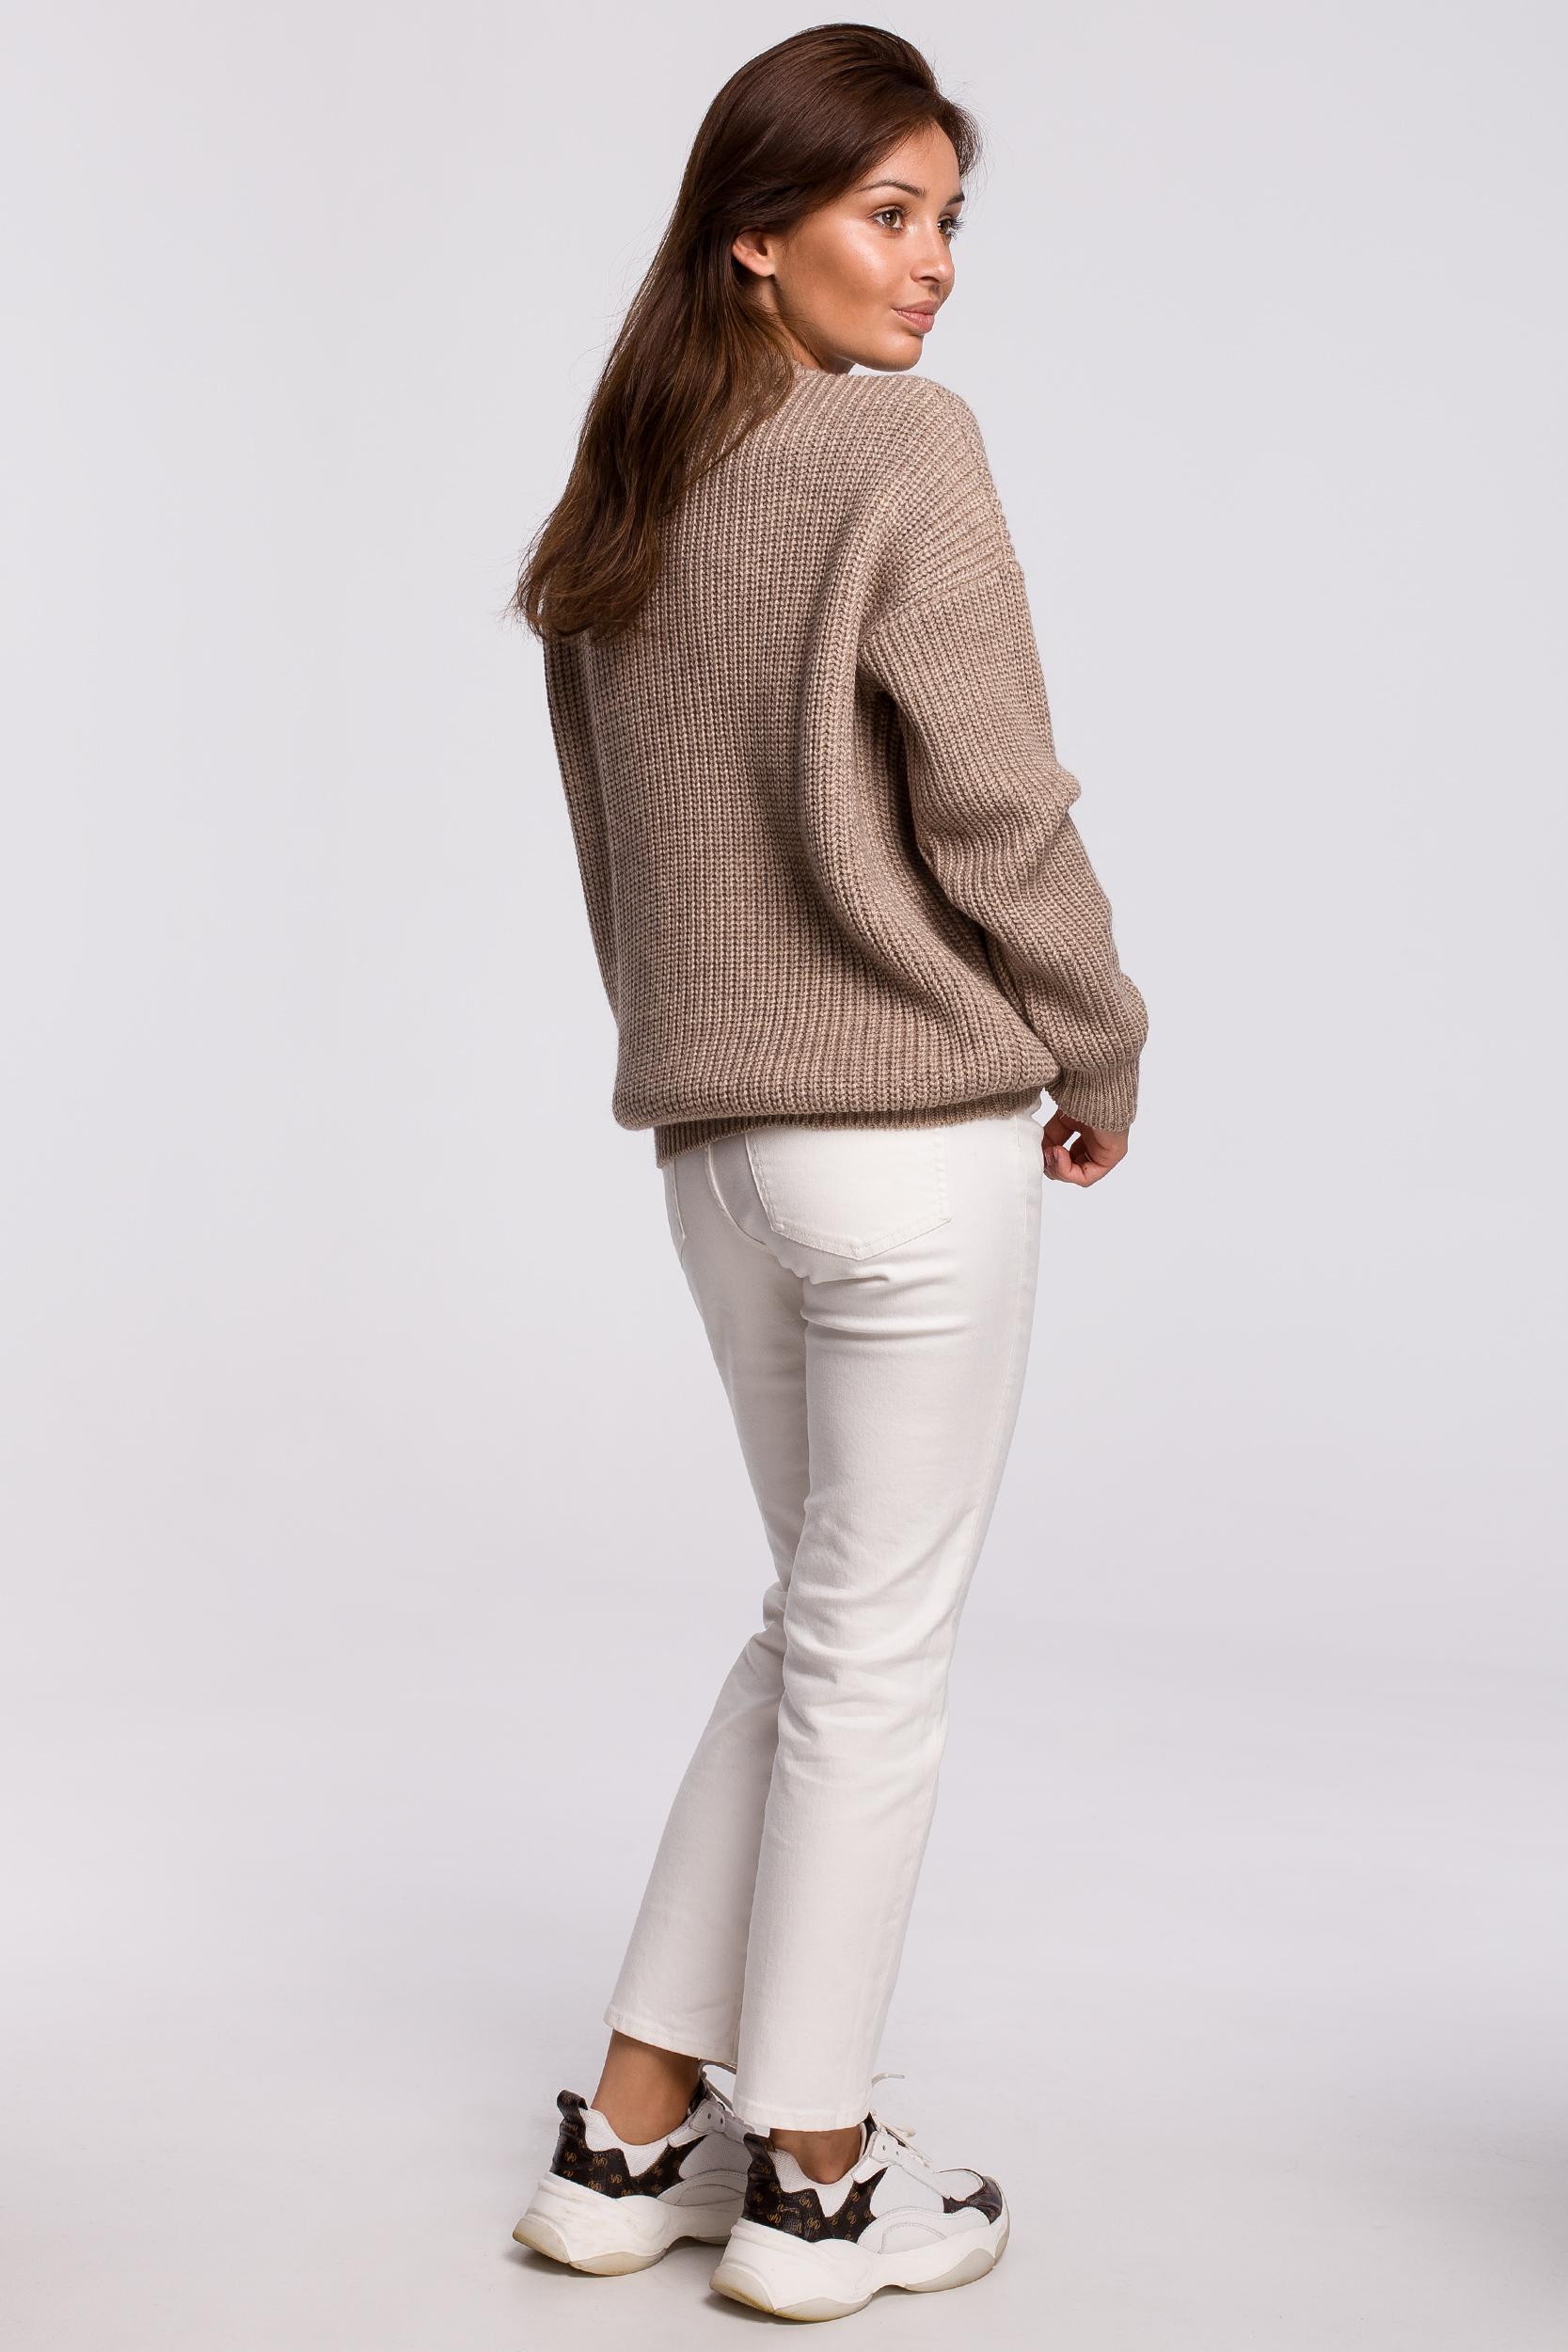 Sweater in Cappuccino Rückansicht komplett